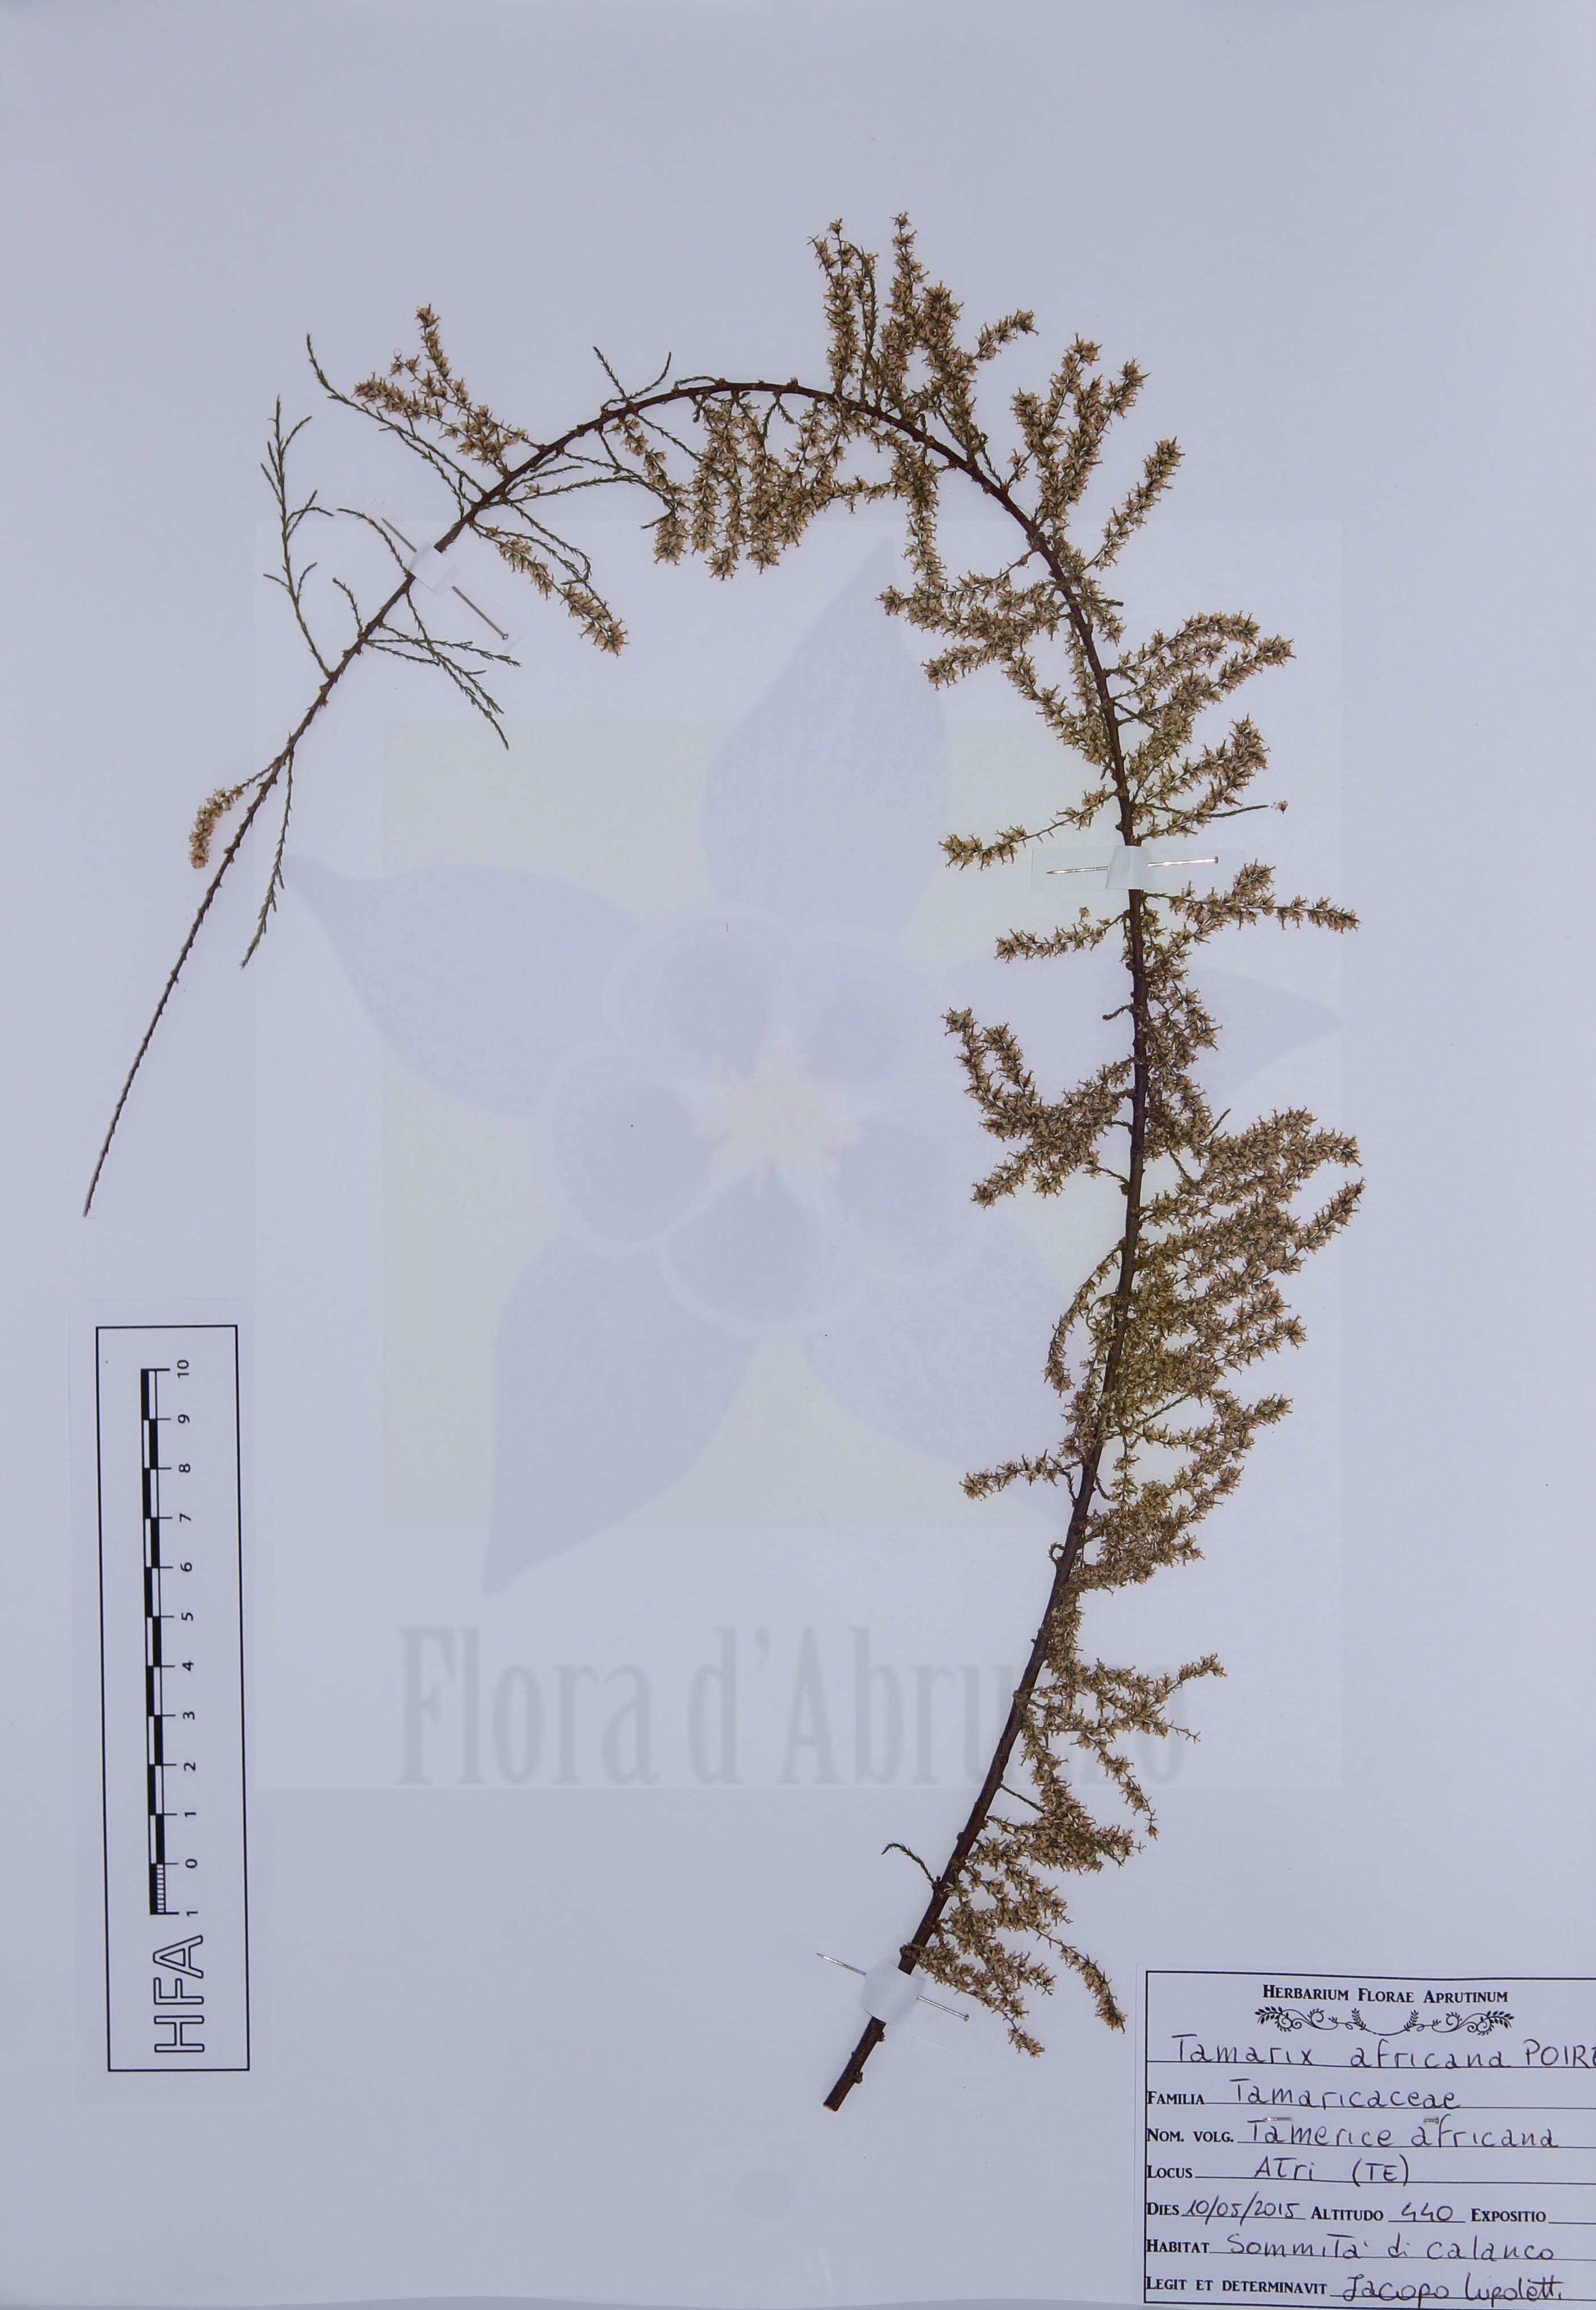 Tamarix africana Poiret